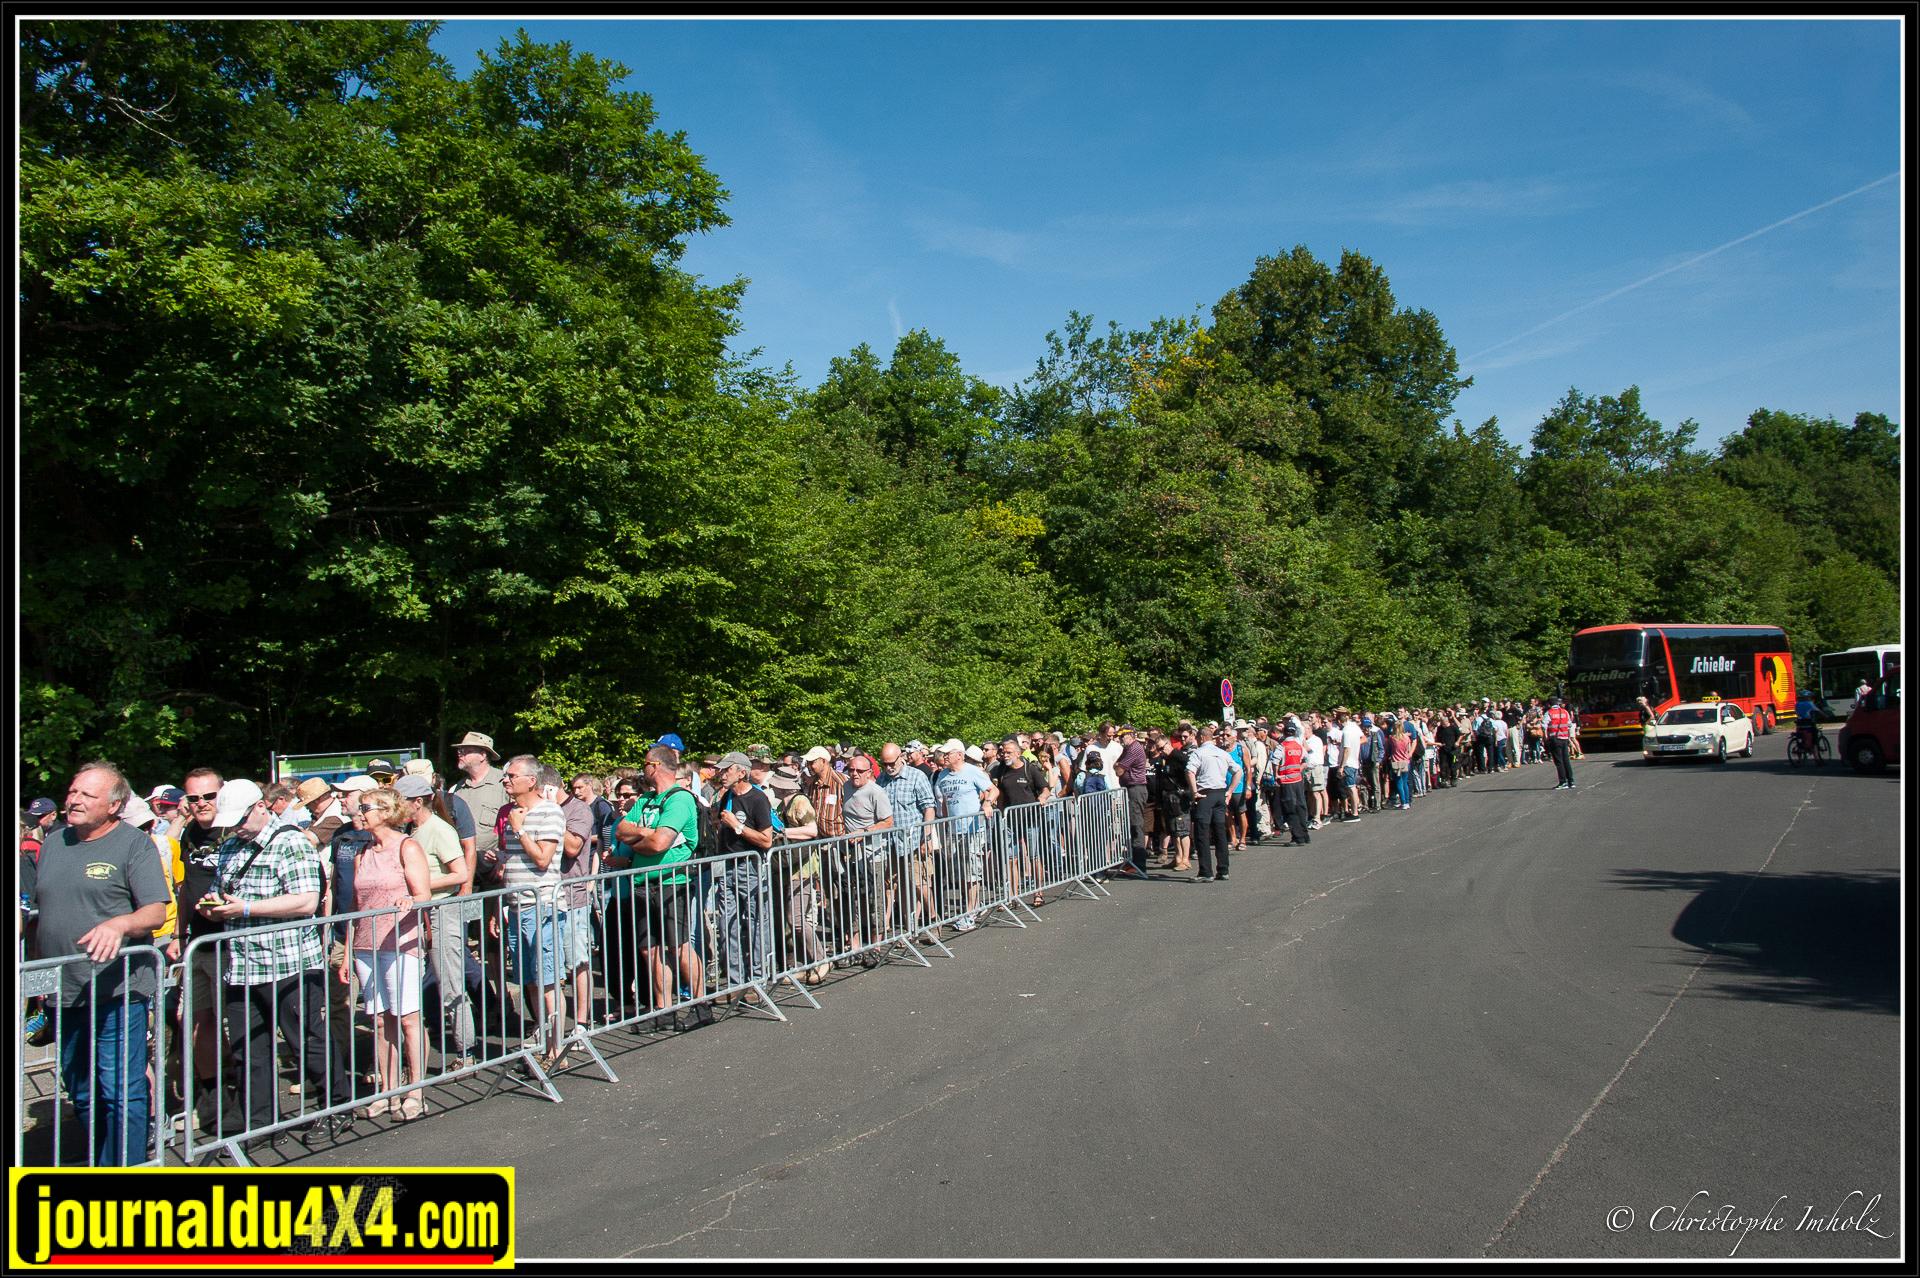 Jeudi matin, une demi-heure avant l'ouverture, la foule est déjà présente.